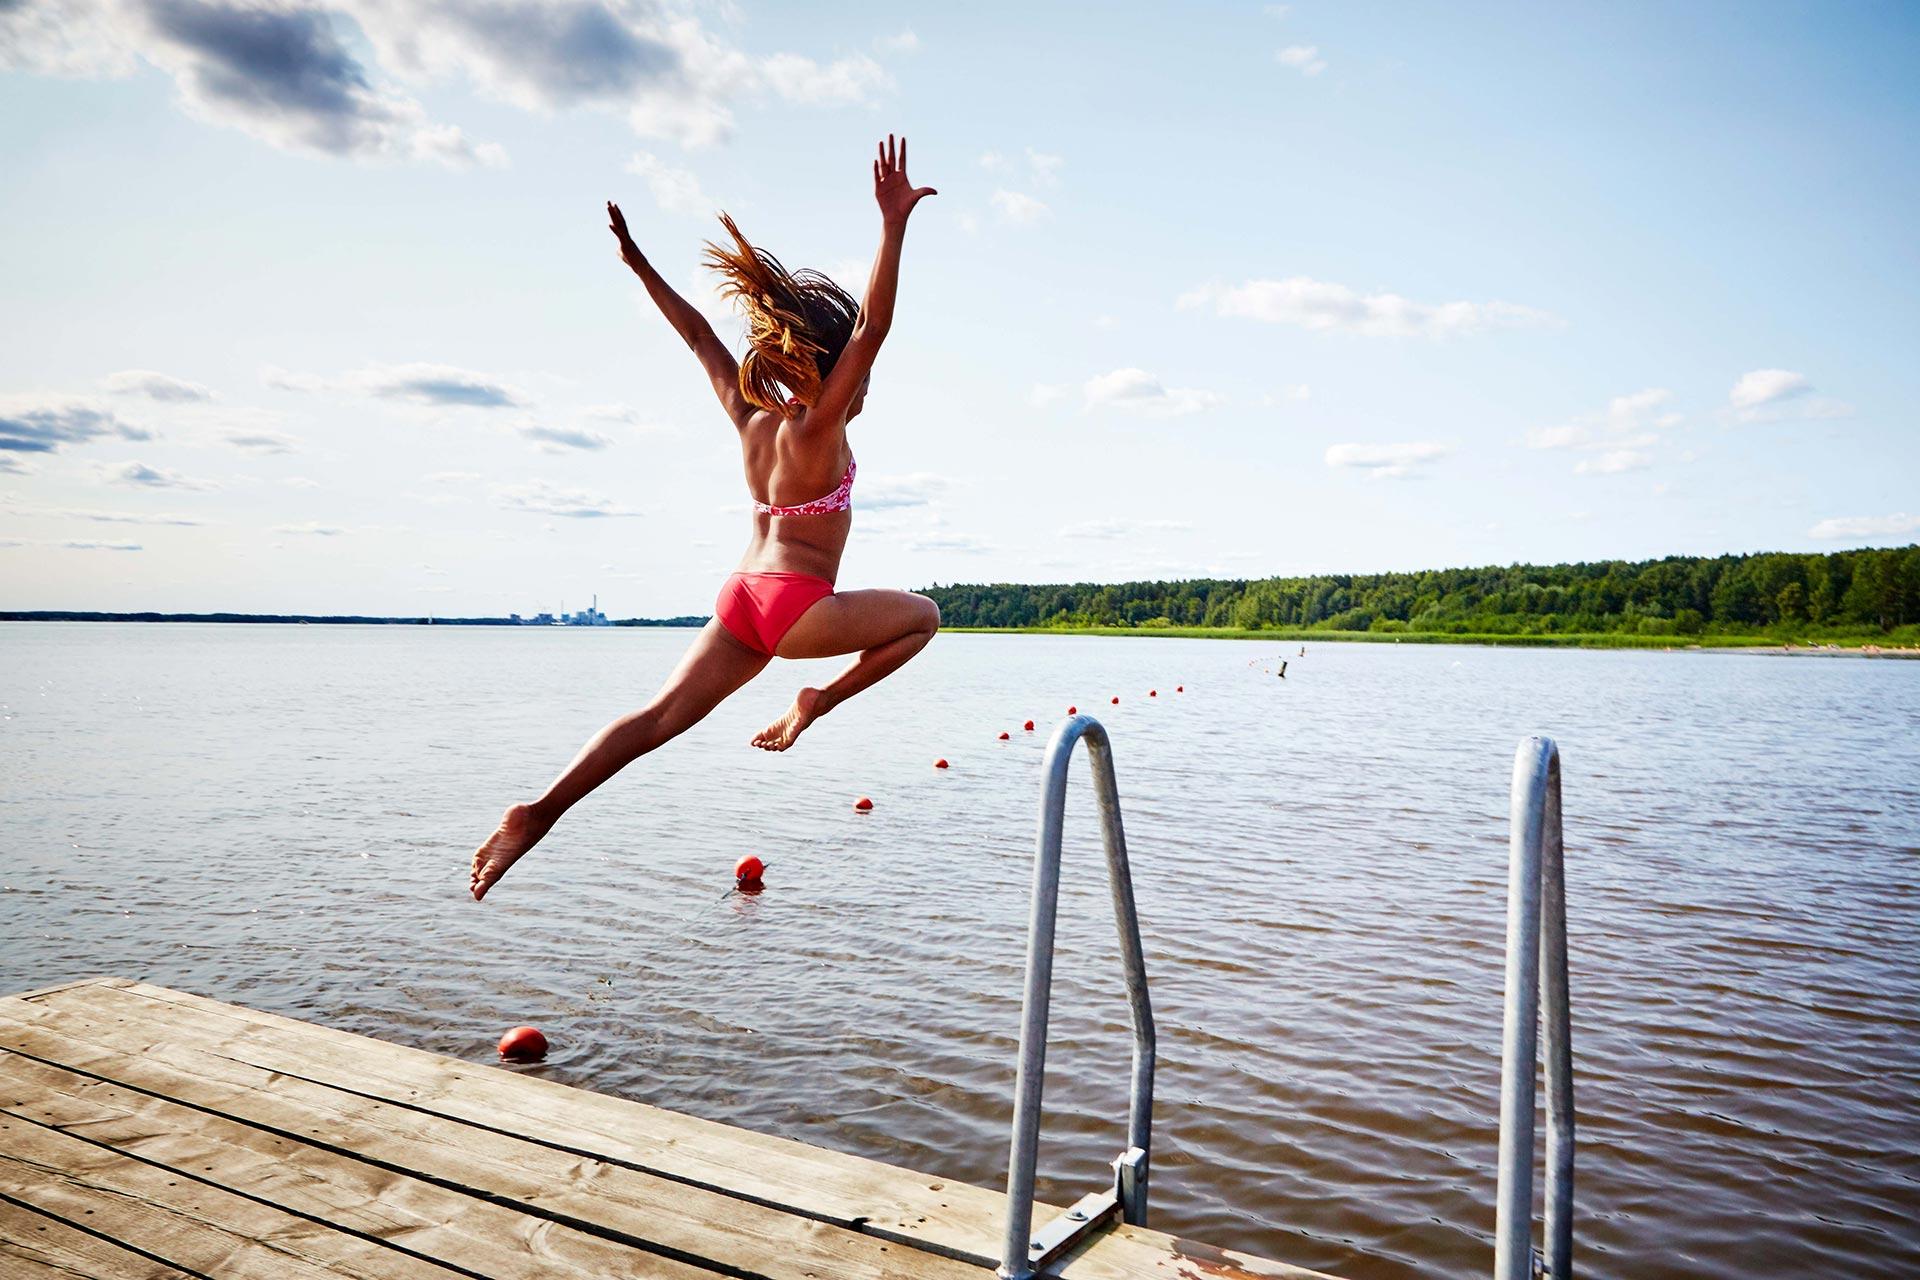 Ett barn hoppar i mälaren från en brygga en solig sommardag. Fotograf: Pia Nordlander